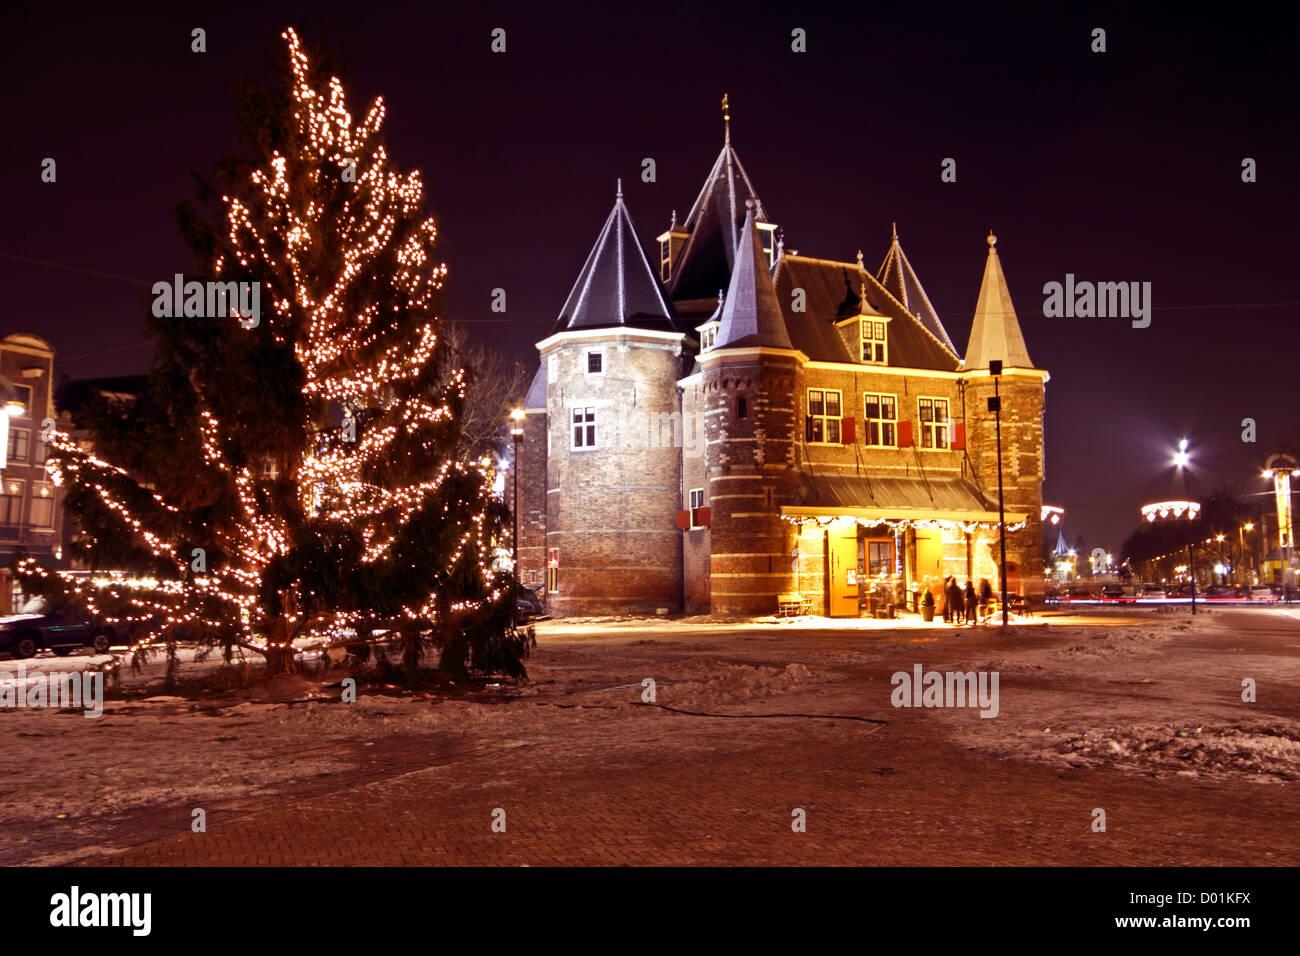 Weihnachten in Amsterdam Niederlande Stockfoto, Bild: 51668398 - Alamy